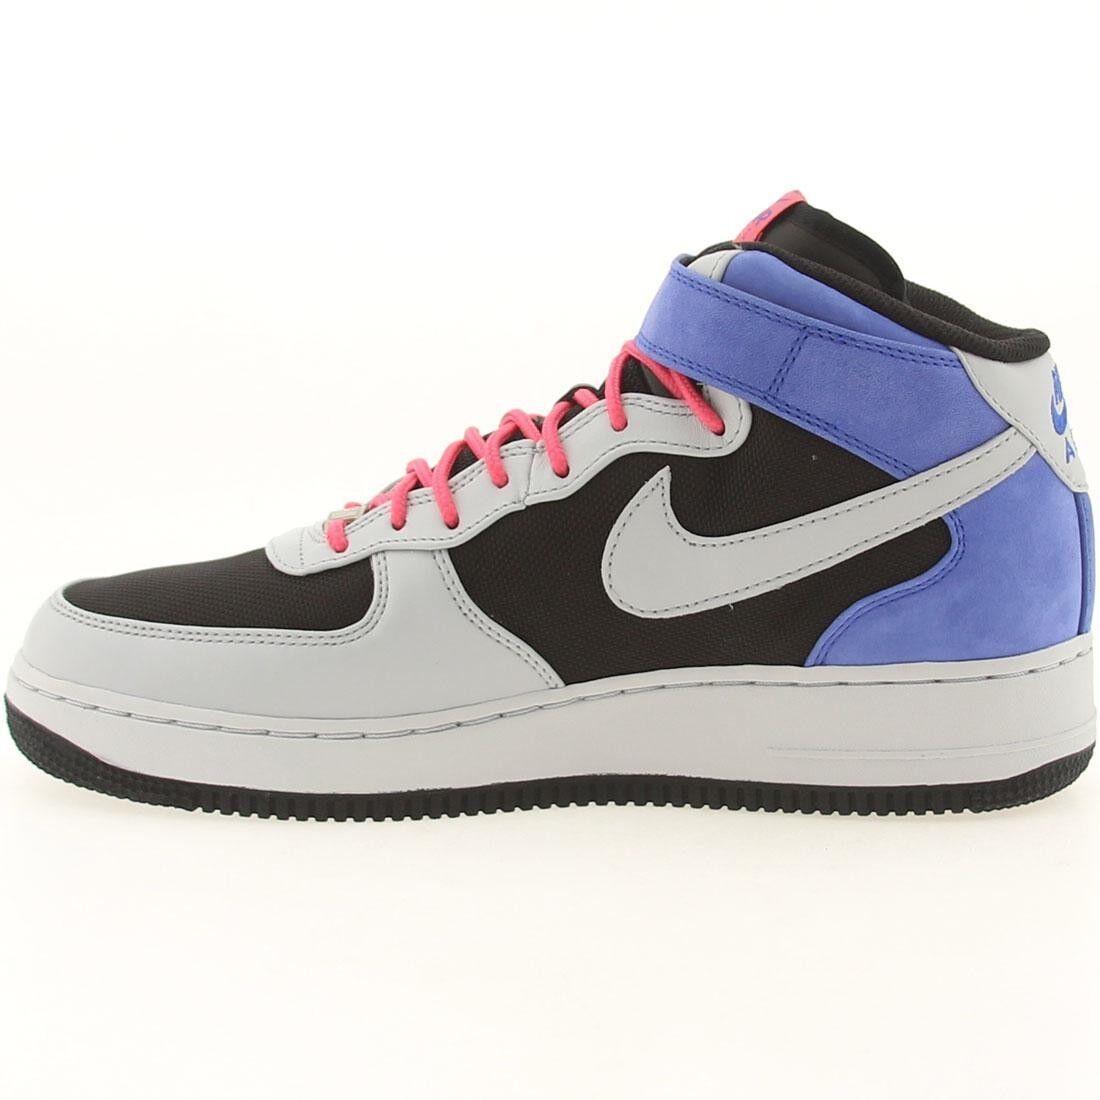 Nike Air Force 1 Mid Premium Black Grey Royal Flamingo